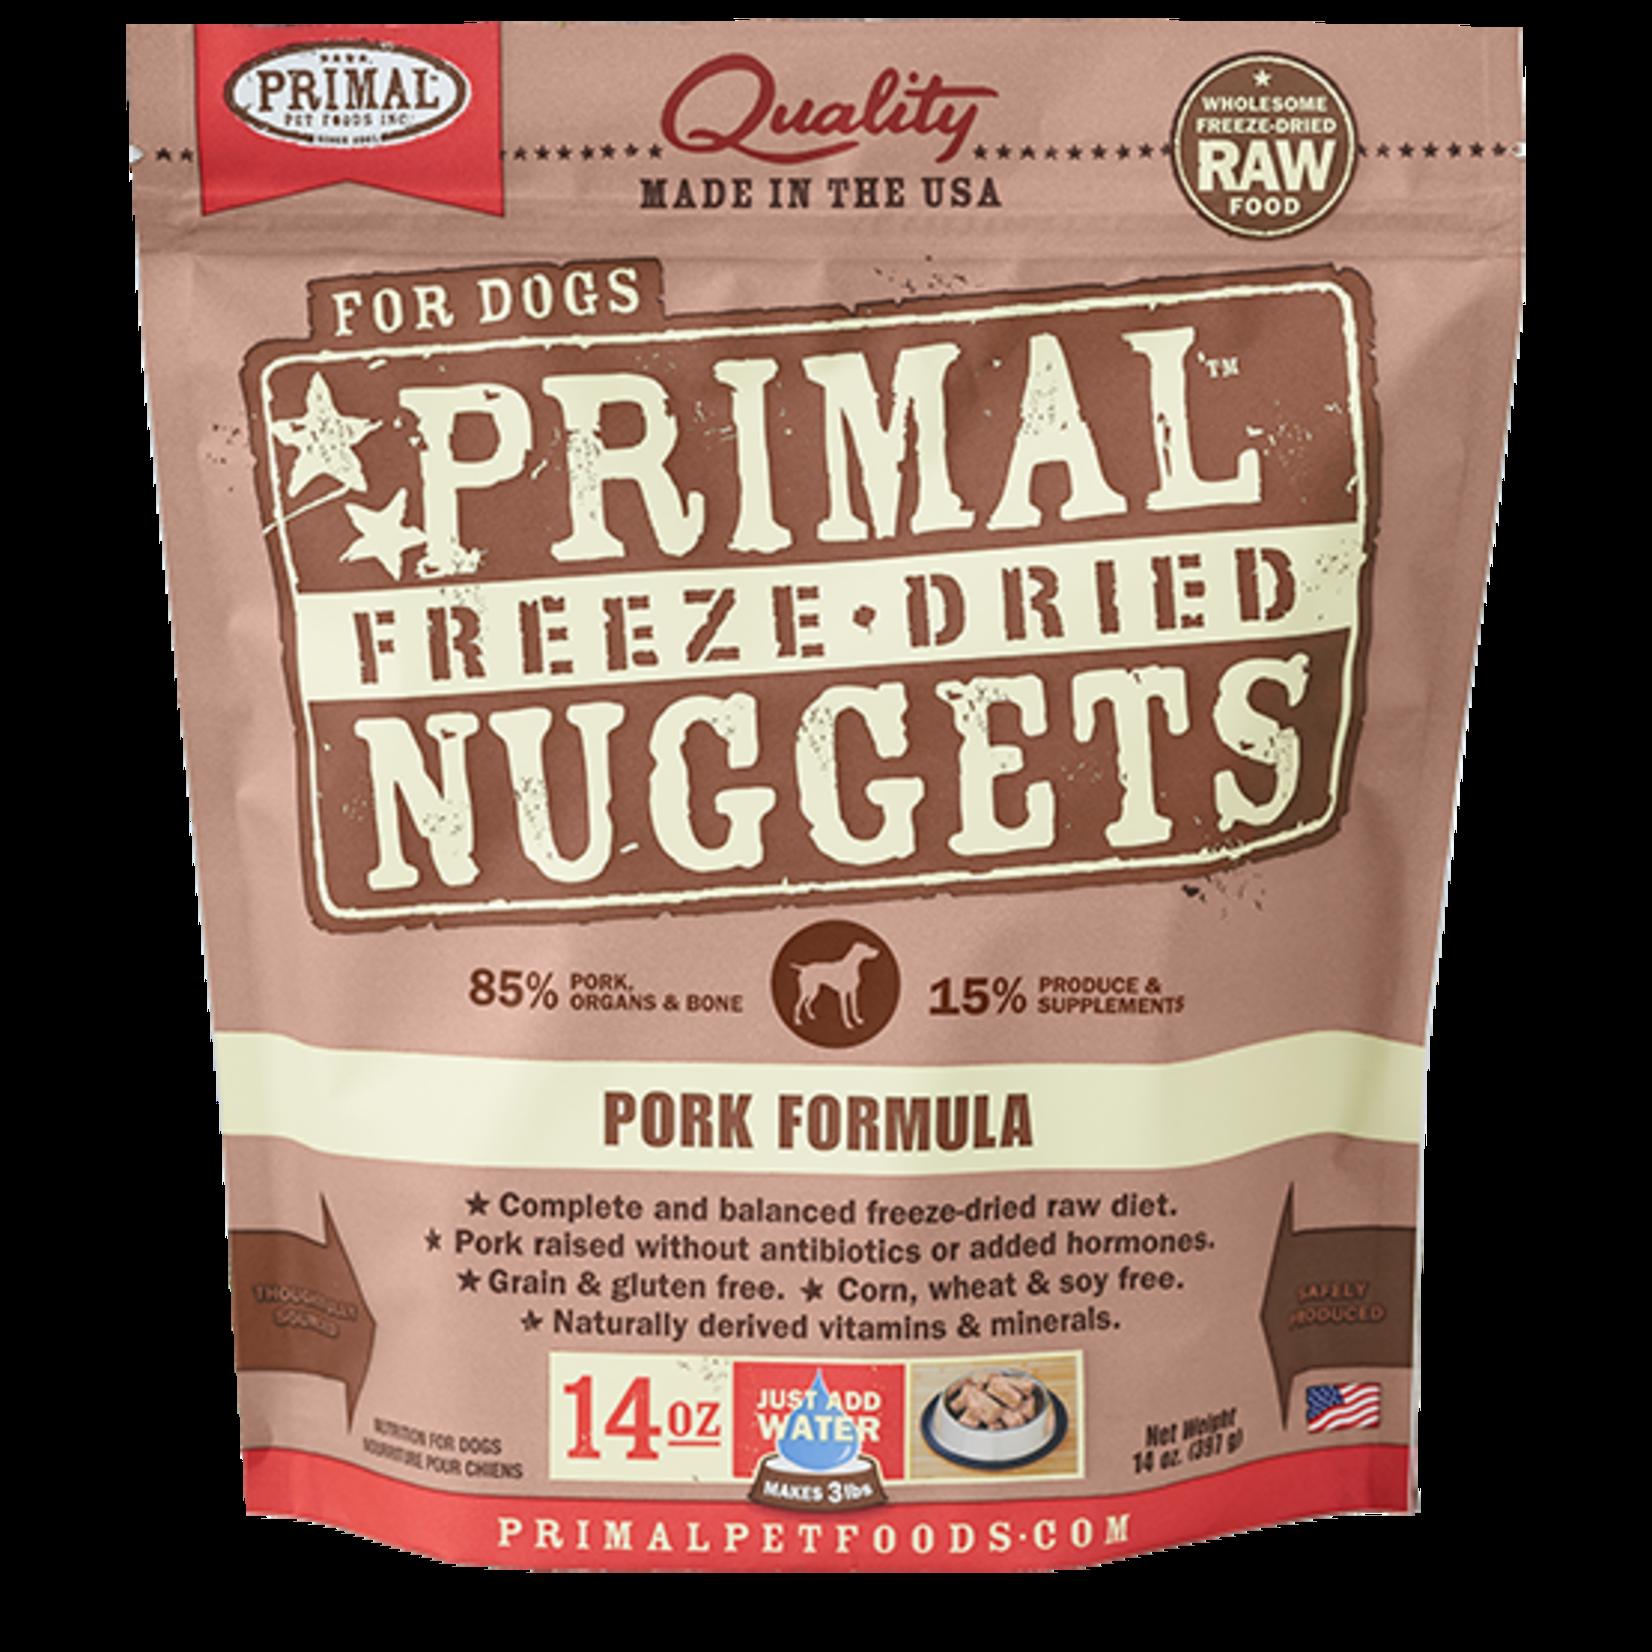 Primal Pet Foods Primal Dog Freeze-dried Pork Nuggets 14 OZ